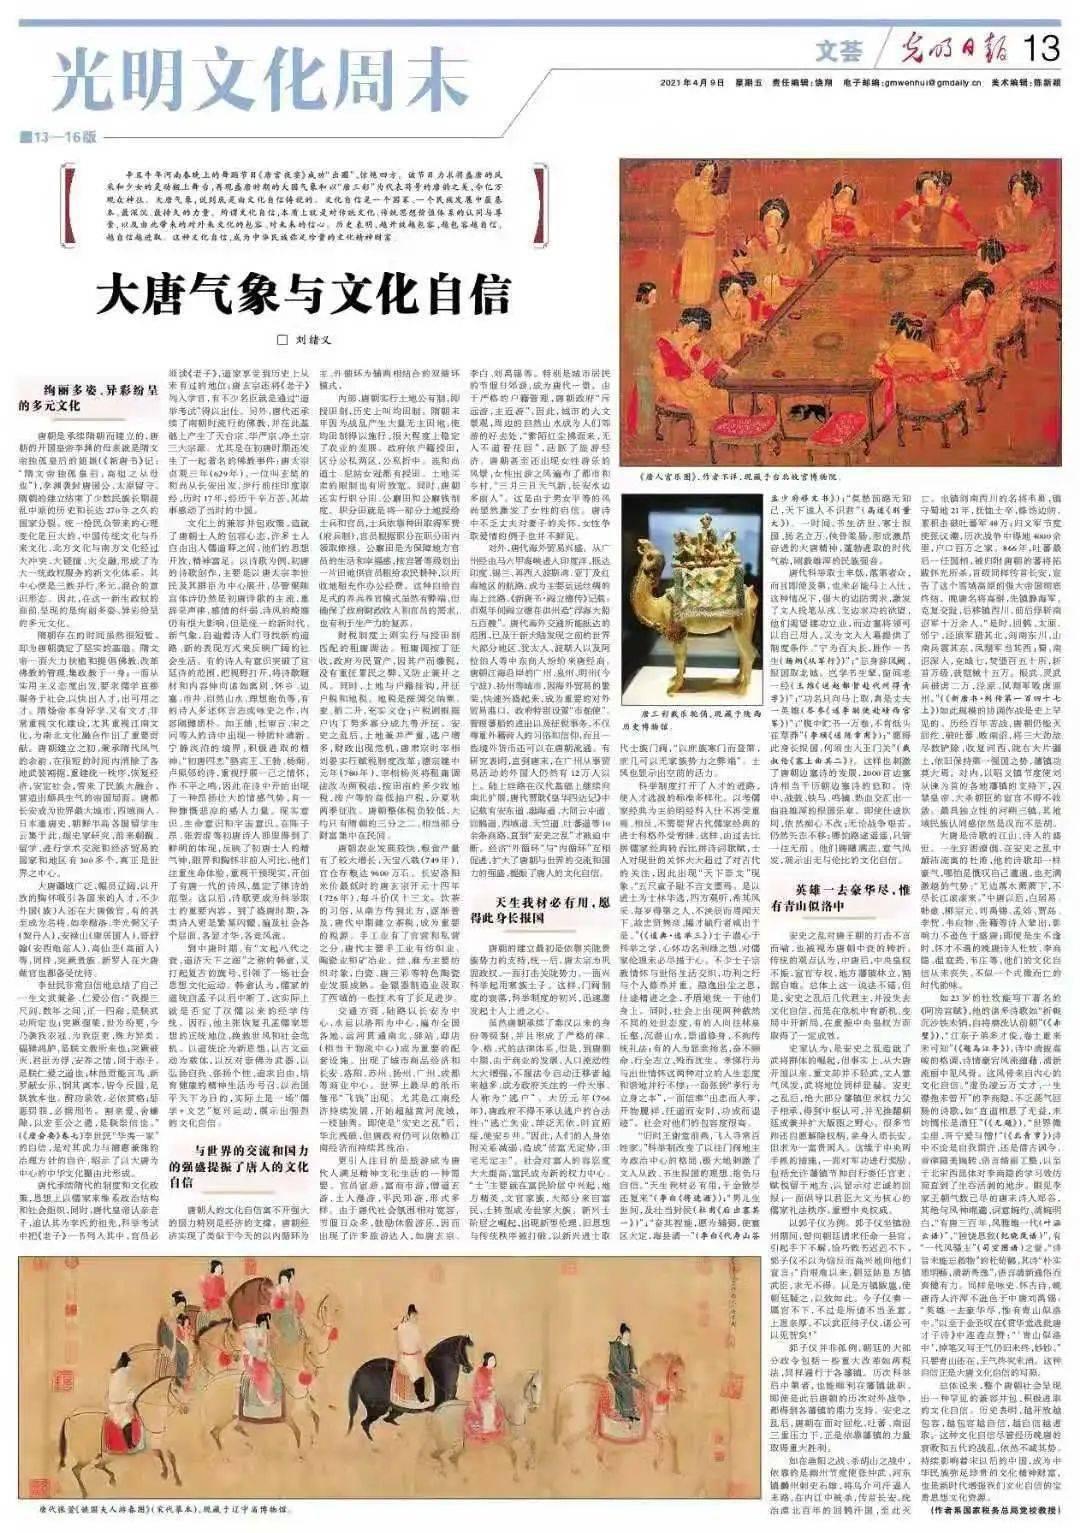 中国以后还会有新的朝代吗 中国还会换朝代吗